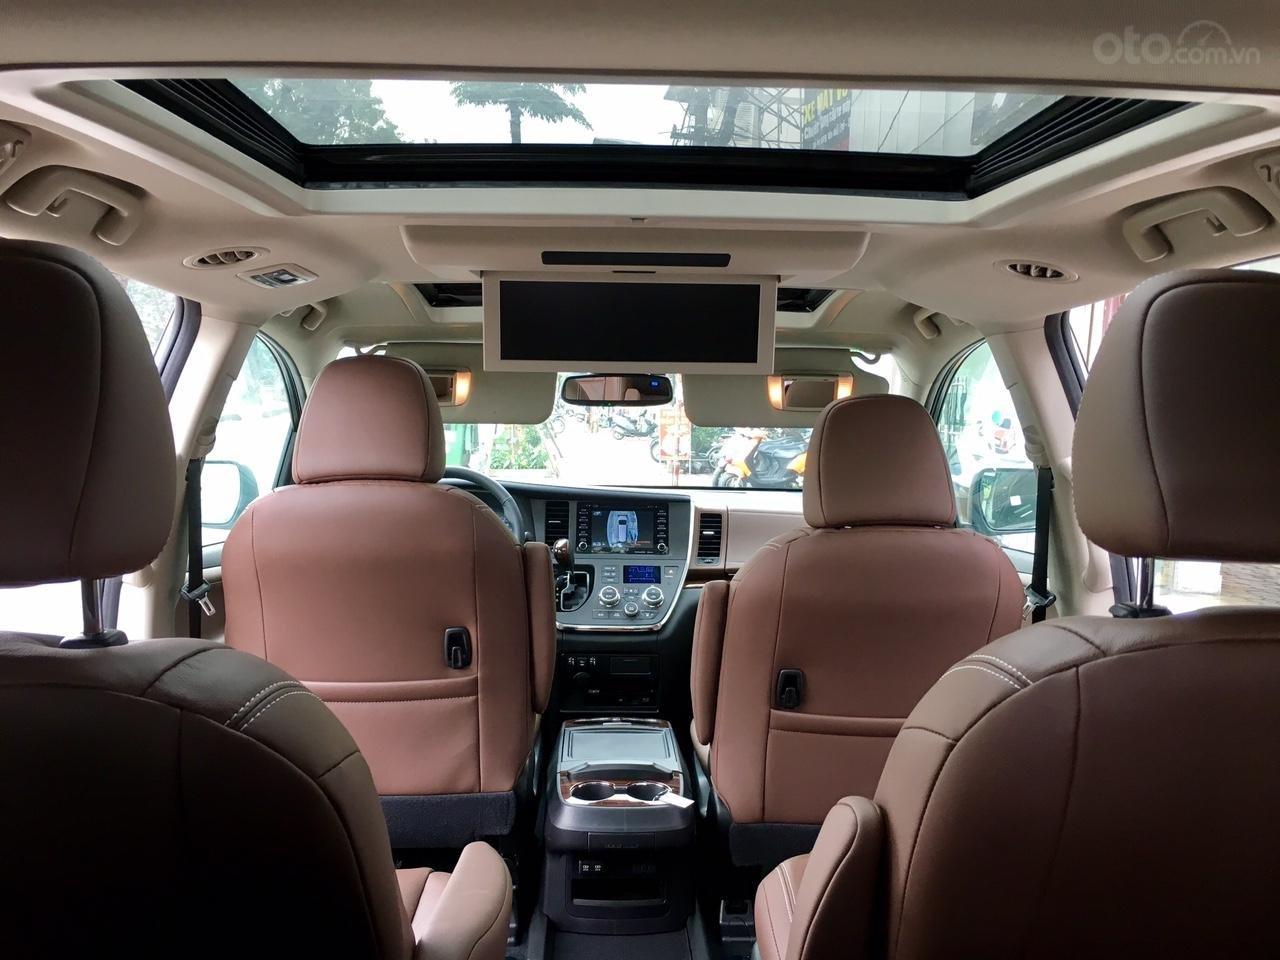 Bán Toyota Sienna Limited 2020 bản 1 cầu, giá tốt, nhập Mỹ giao ngay toàn quốc- LH 0945.39.2468 Ms Hương (16)